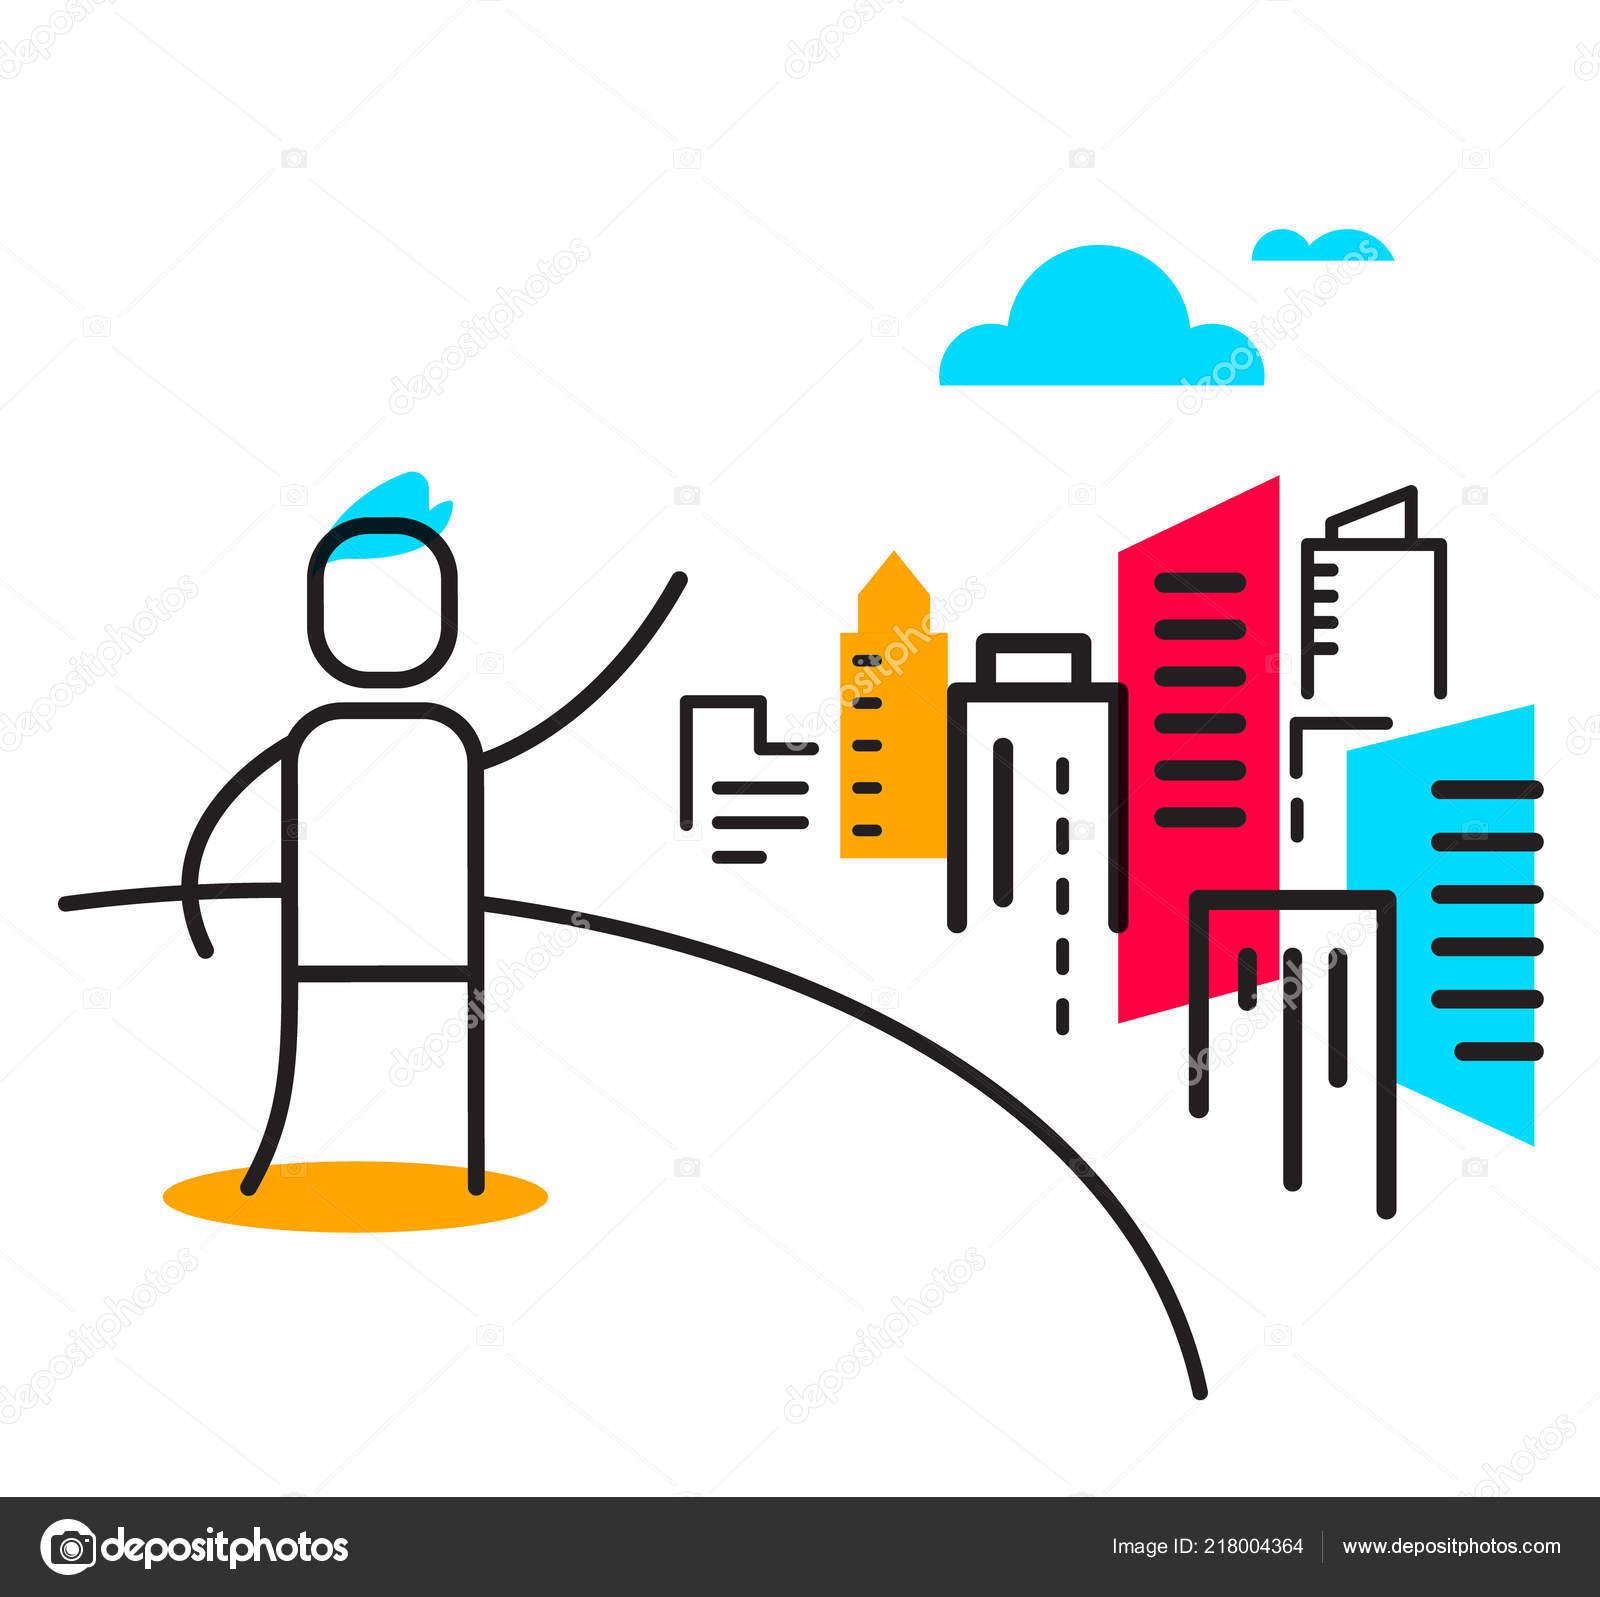 1ccdeefa1d7 Bem-vindo ao conceito linear de cidade grande. Linha Lisa arte estilo  design para web